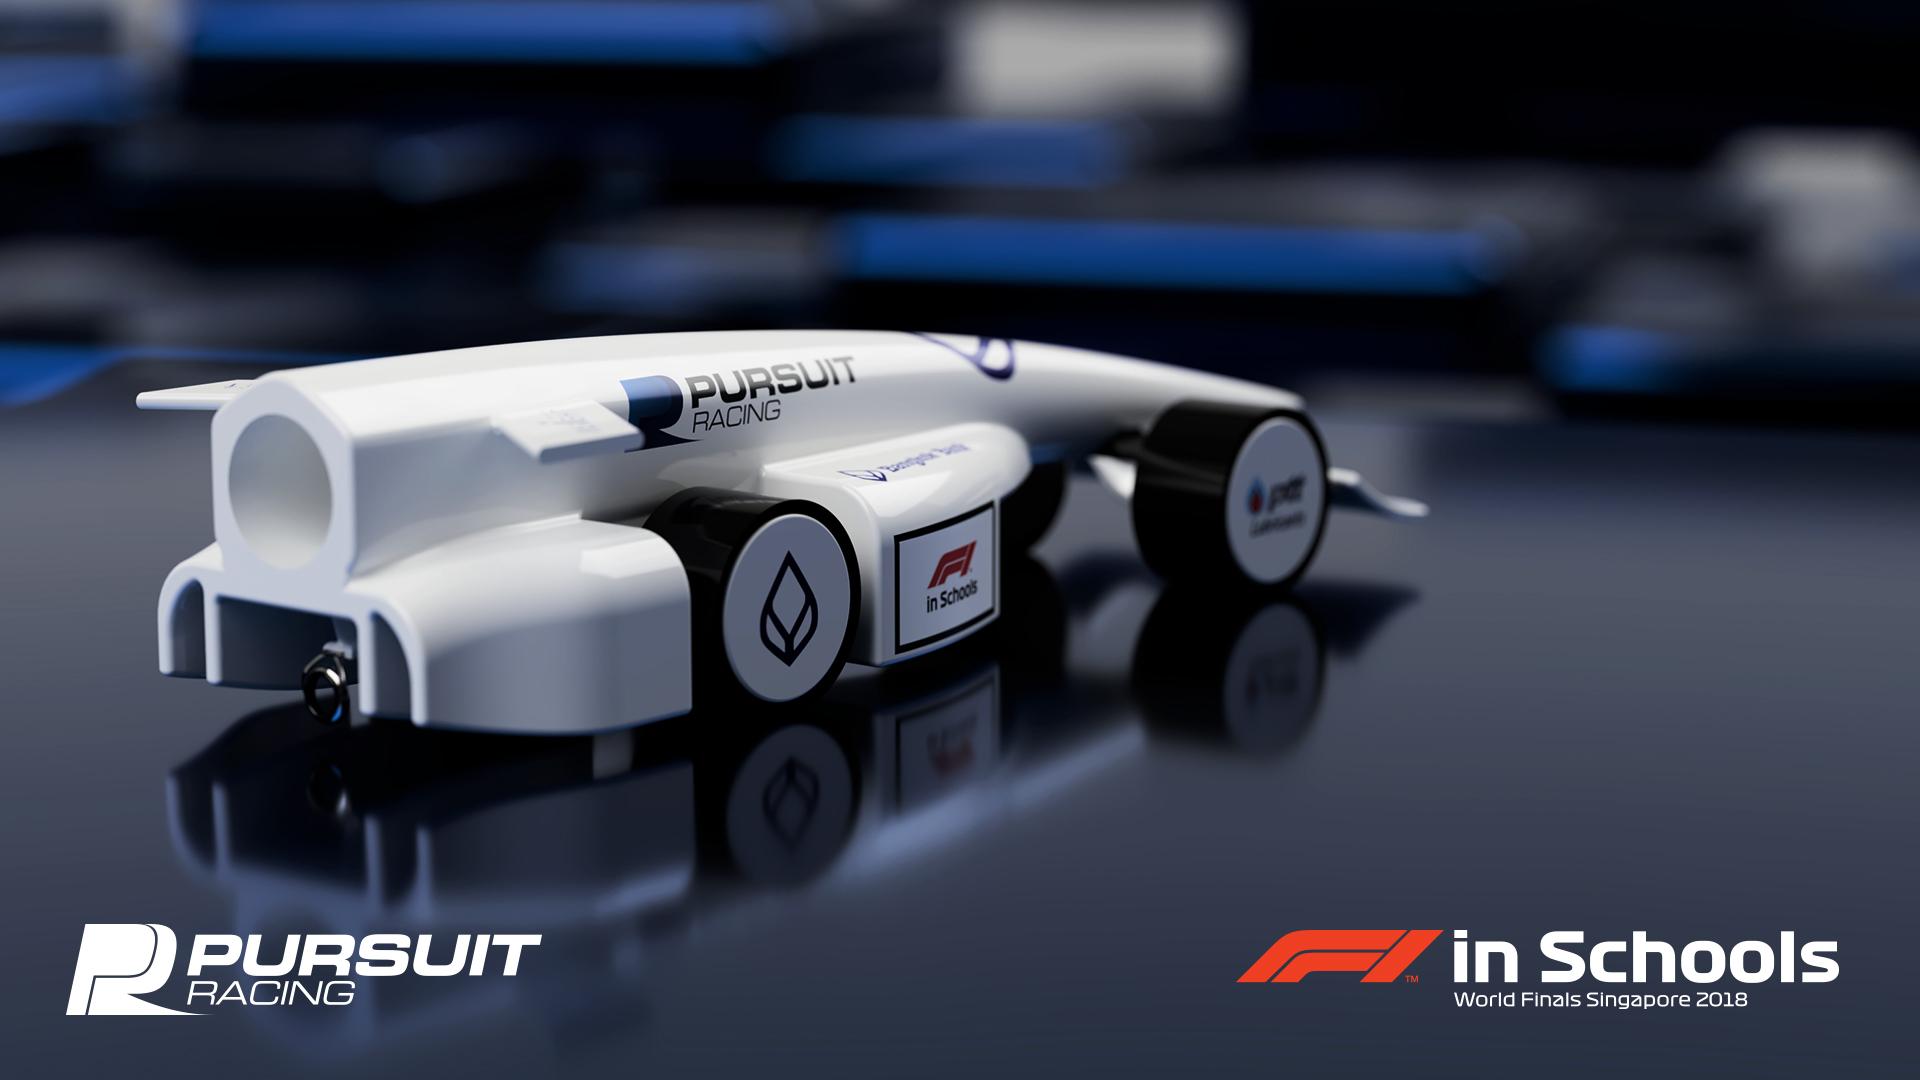 รถแข่ง F1 จำลองของพวกเรา!